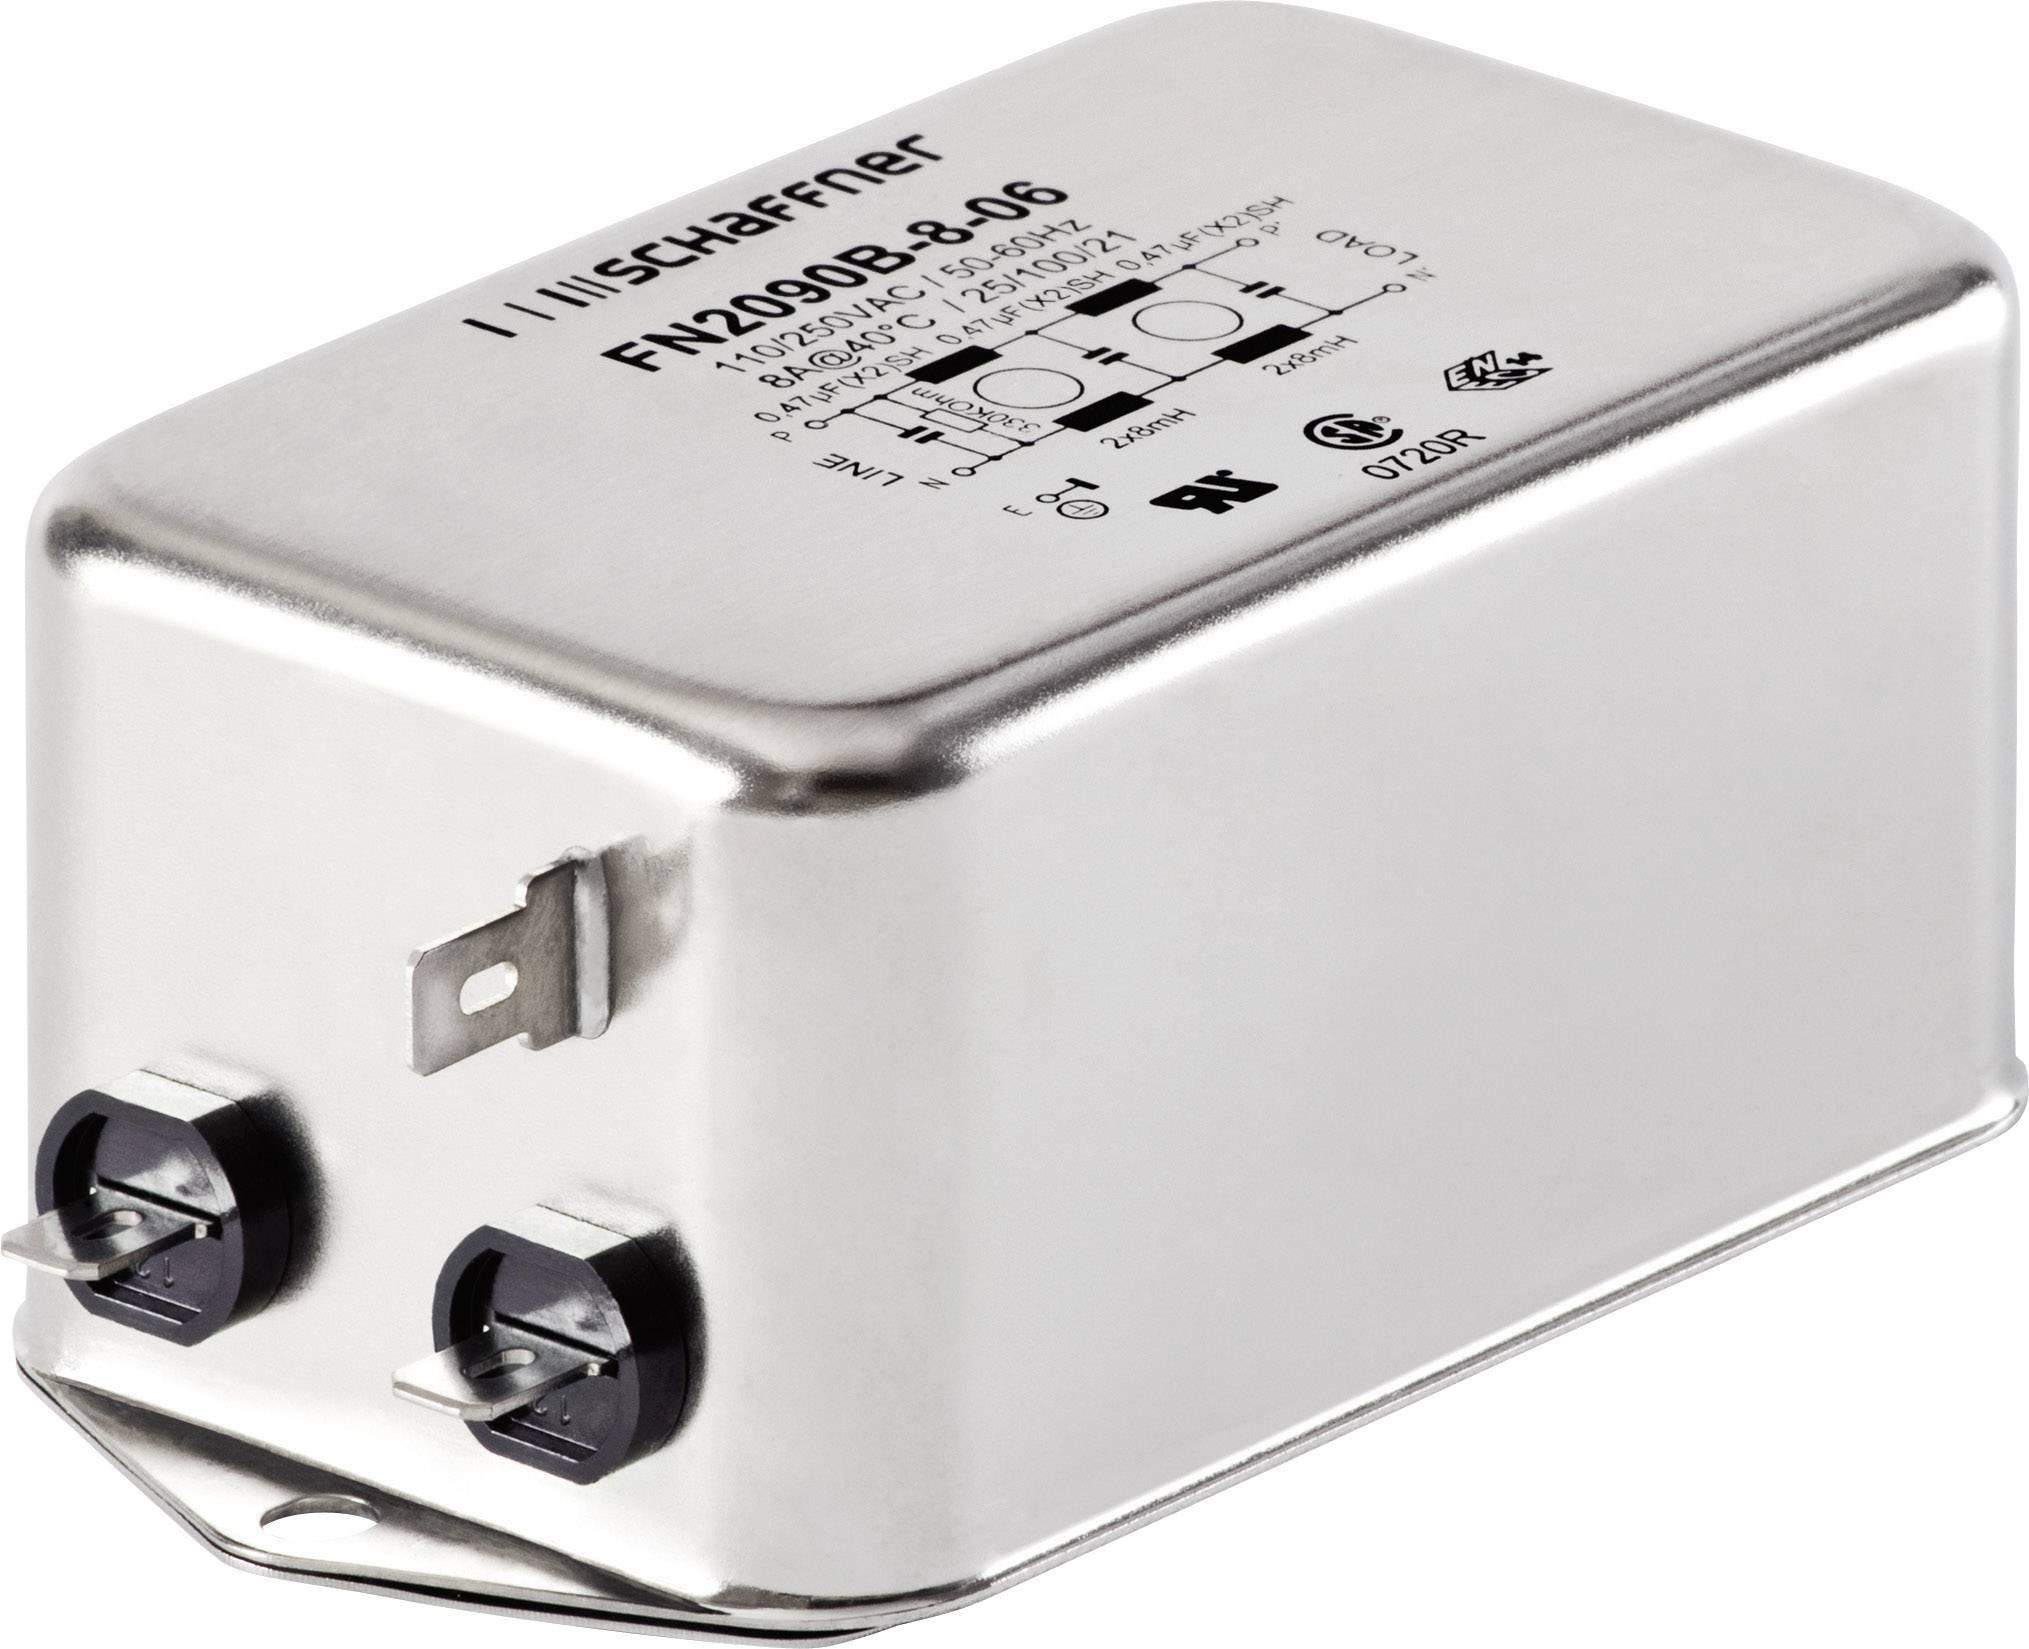 Odrušovací filter Schaffner FN2090-10-06 FN2090-10-06, 250 V/AC, 10 A, 8 mH, (d x š x v) 113.5 x 57.5 x 45.4 mm, 1 ks